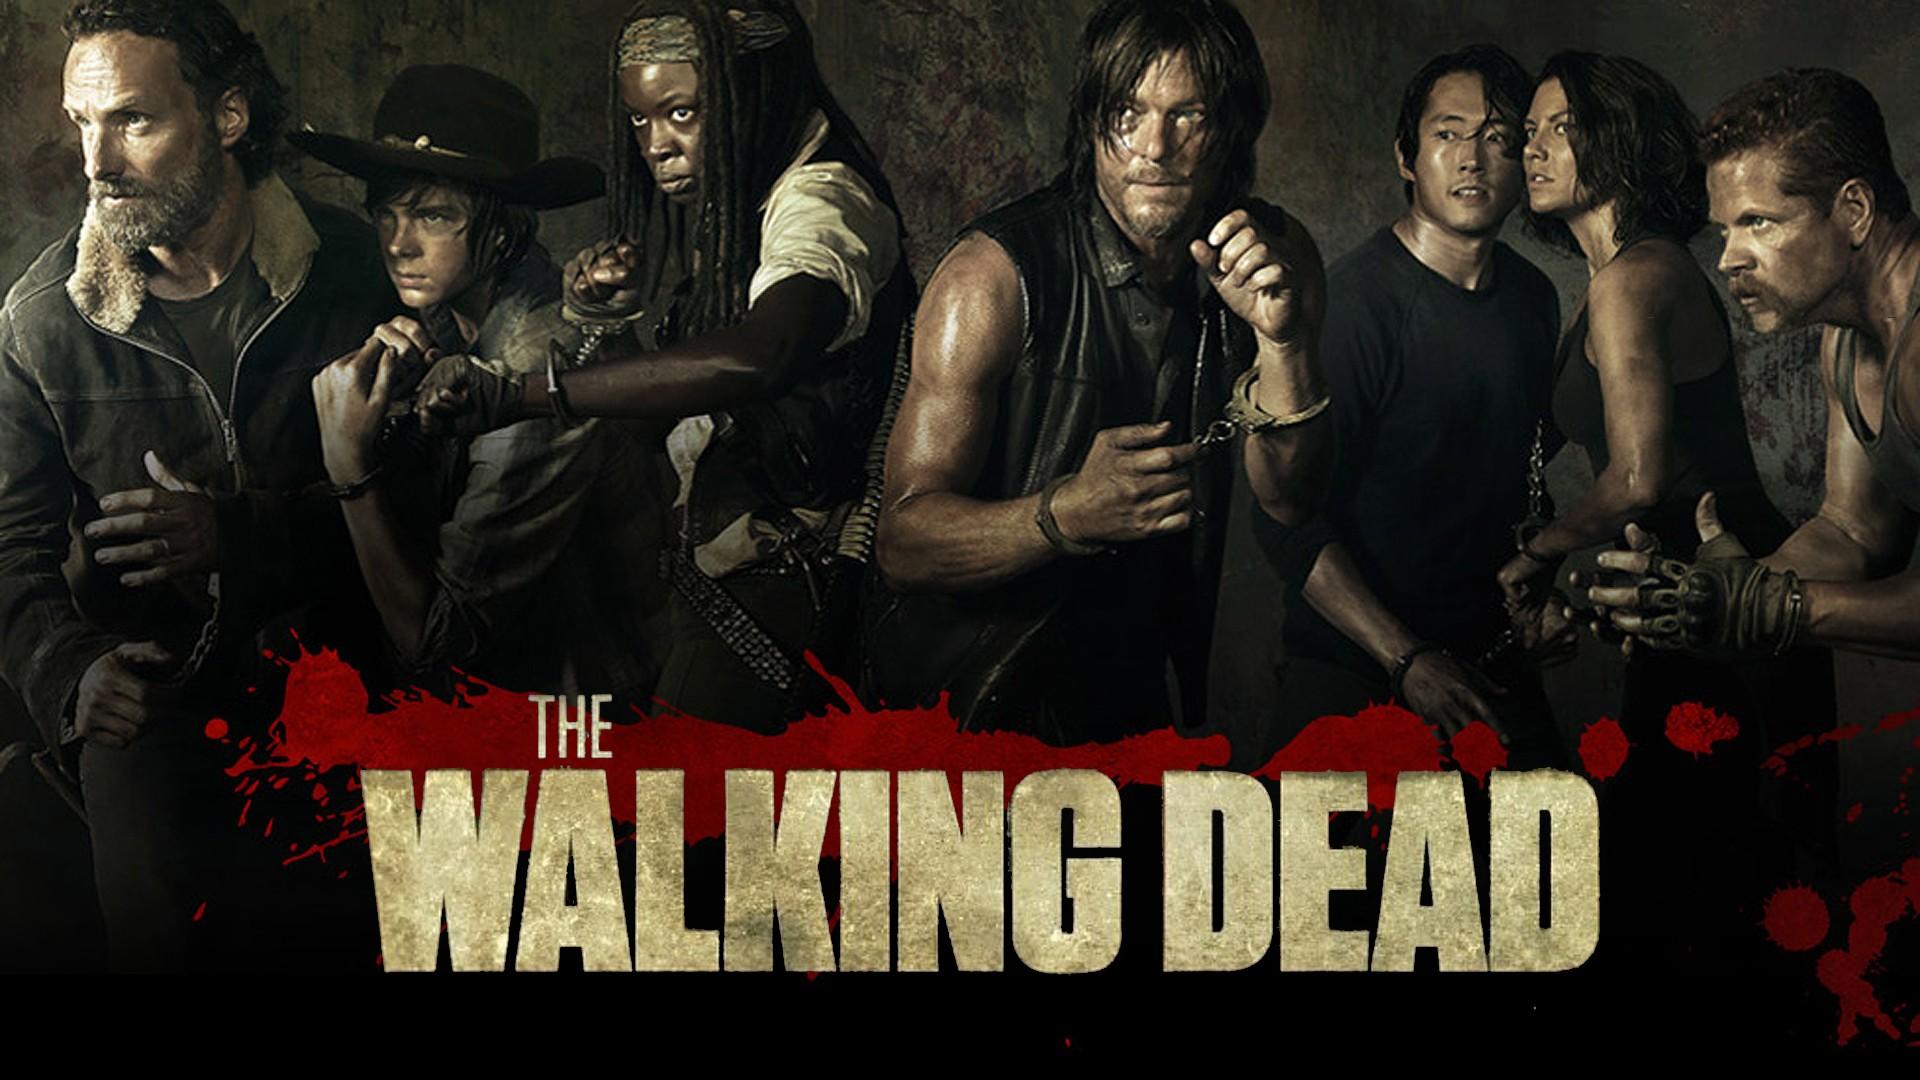 The Walking Dead Staffel 5 Online Sehen